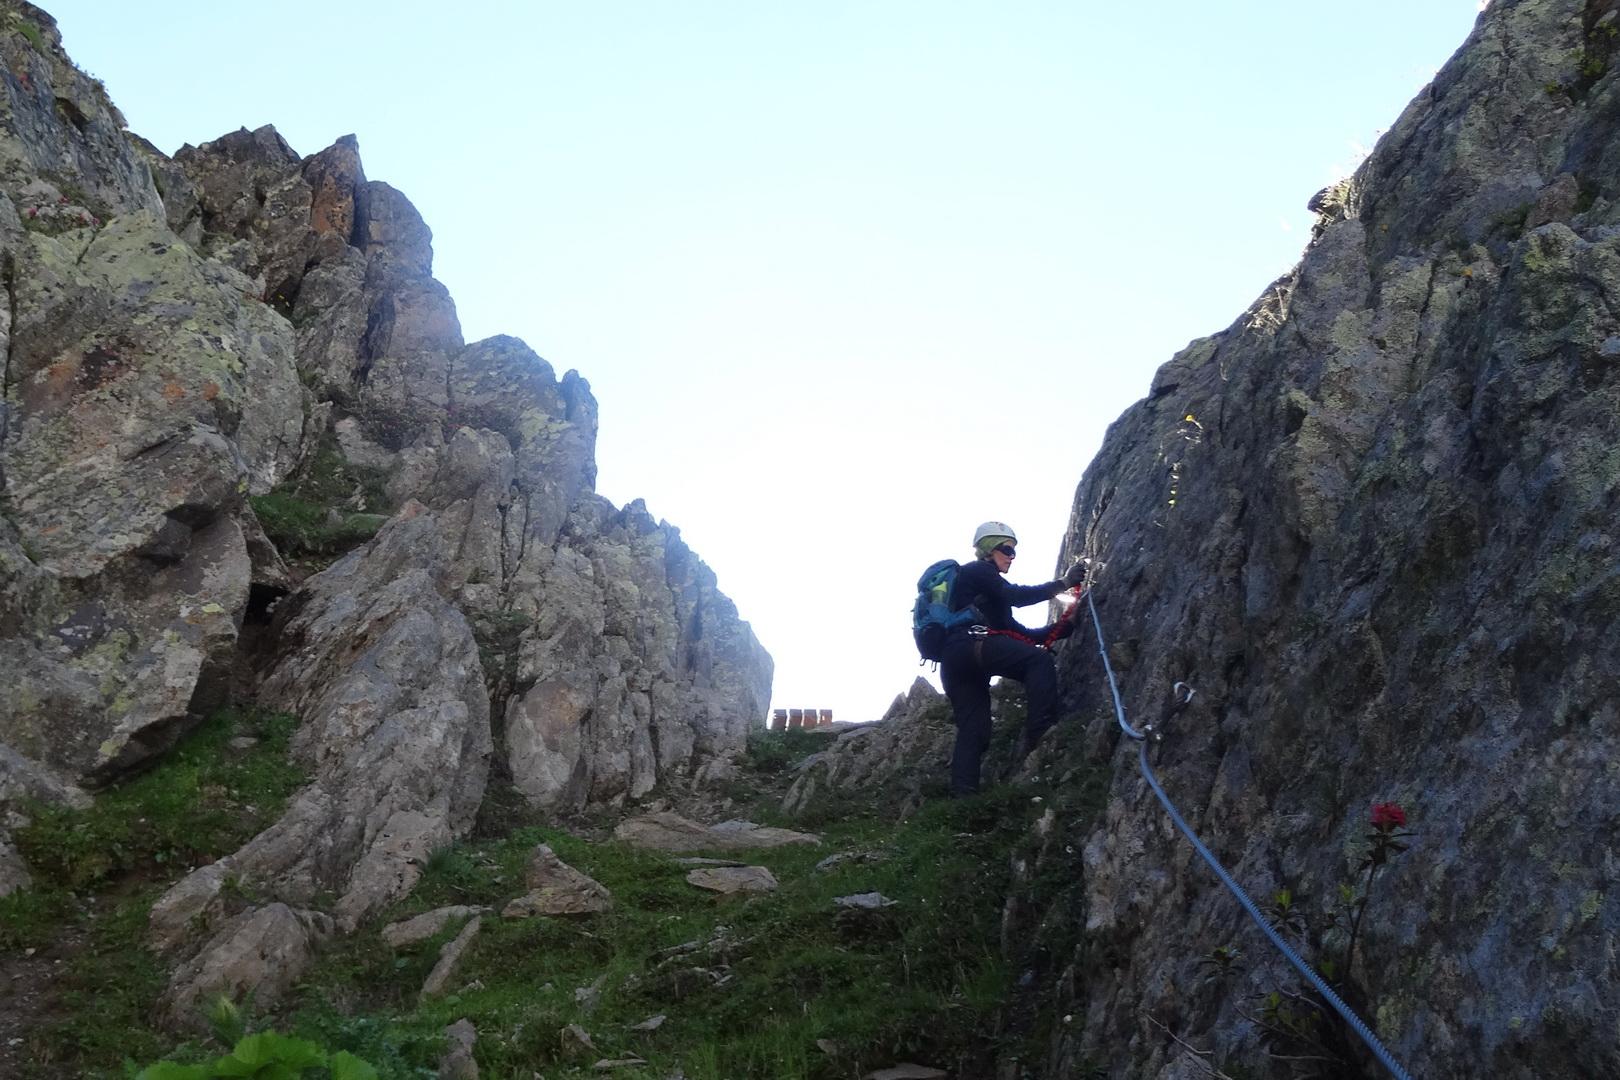 Klettersteig Für Anfänger : Klettern im kleinwalsertal klettersteige bergabenteuer